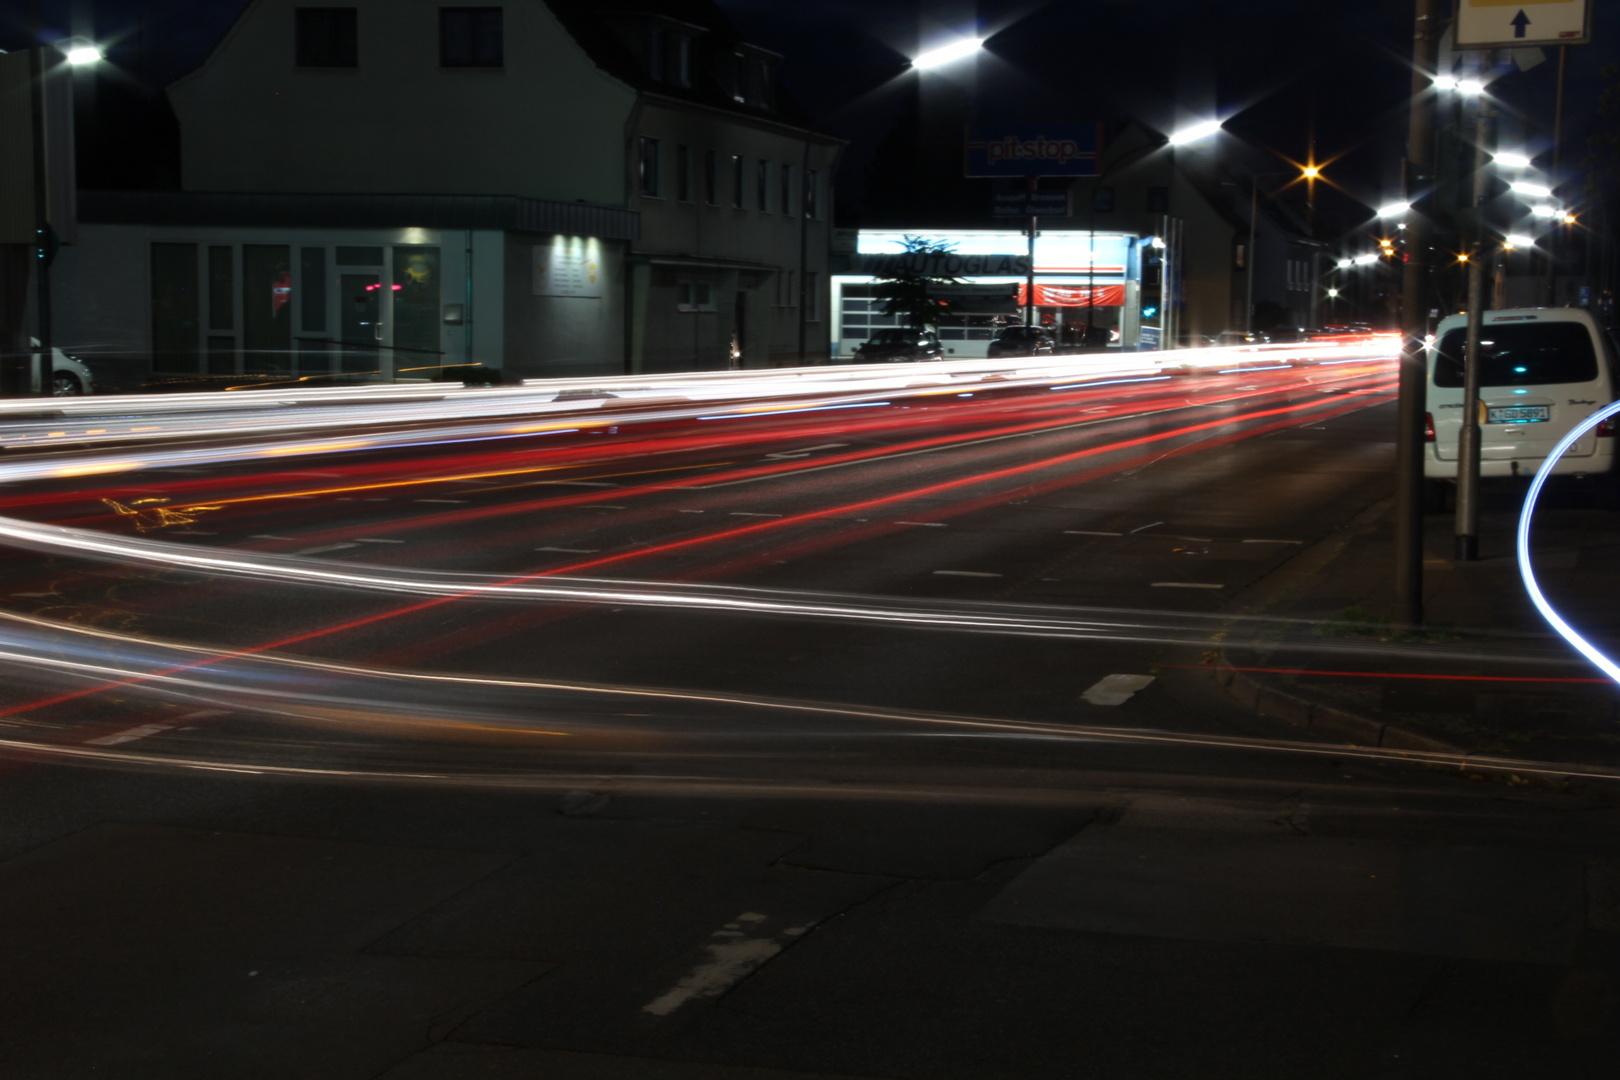 Abends an den Straßen von Köln